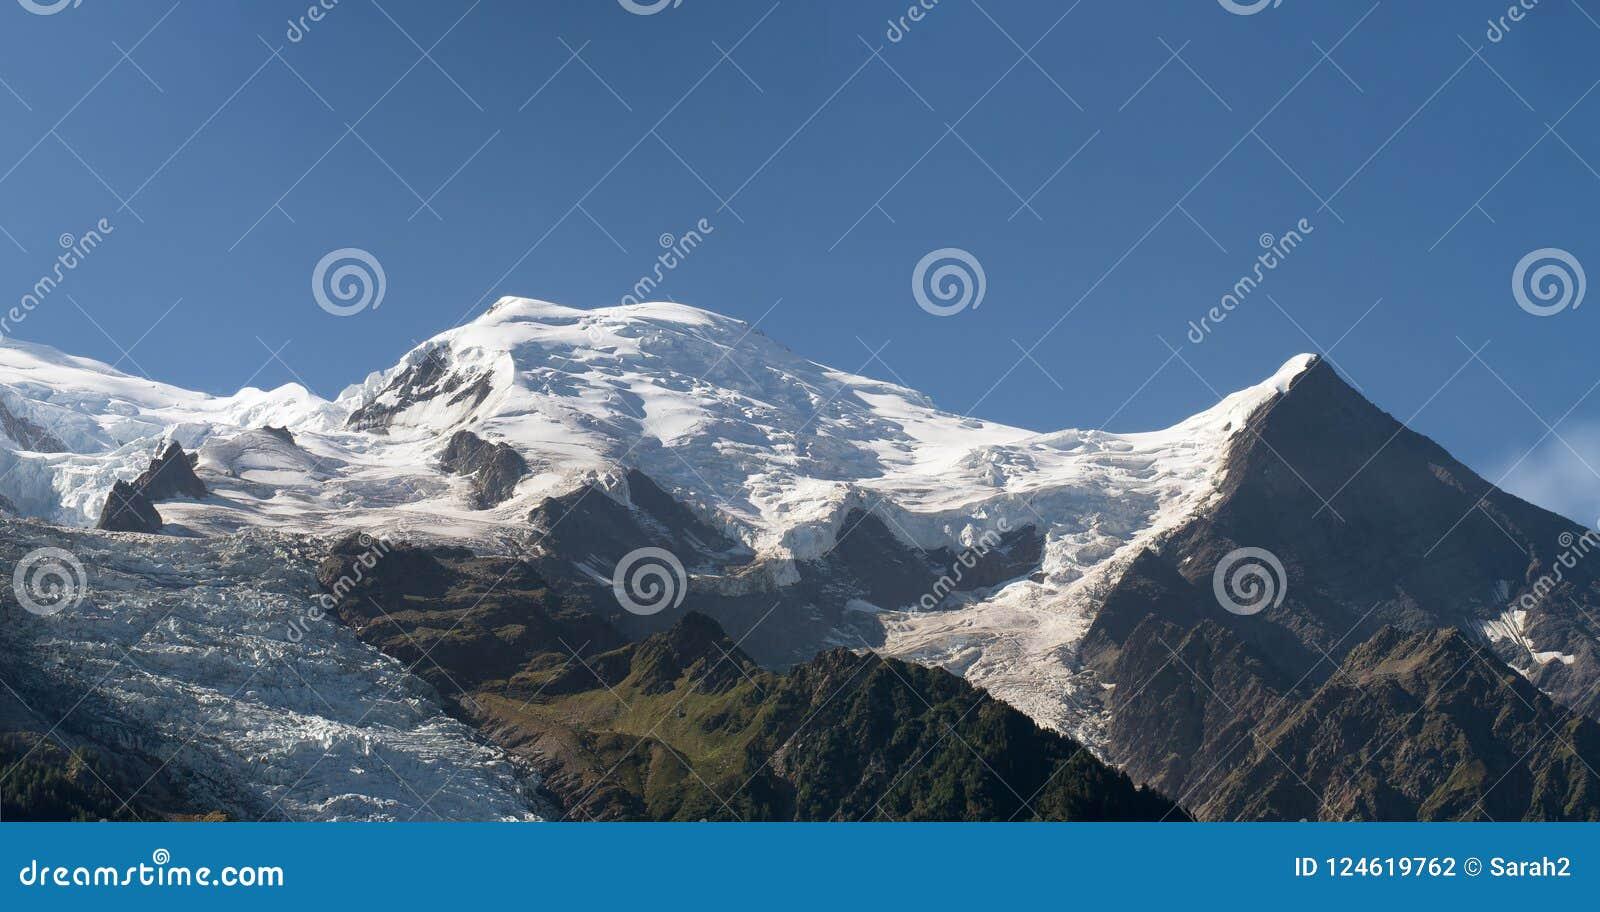 Bóveda y picos de montaña de Aiguille du Gouter con el glaciar en las montañas europeas, un paisaje nevoso de Bossons del verano